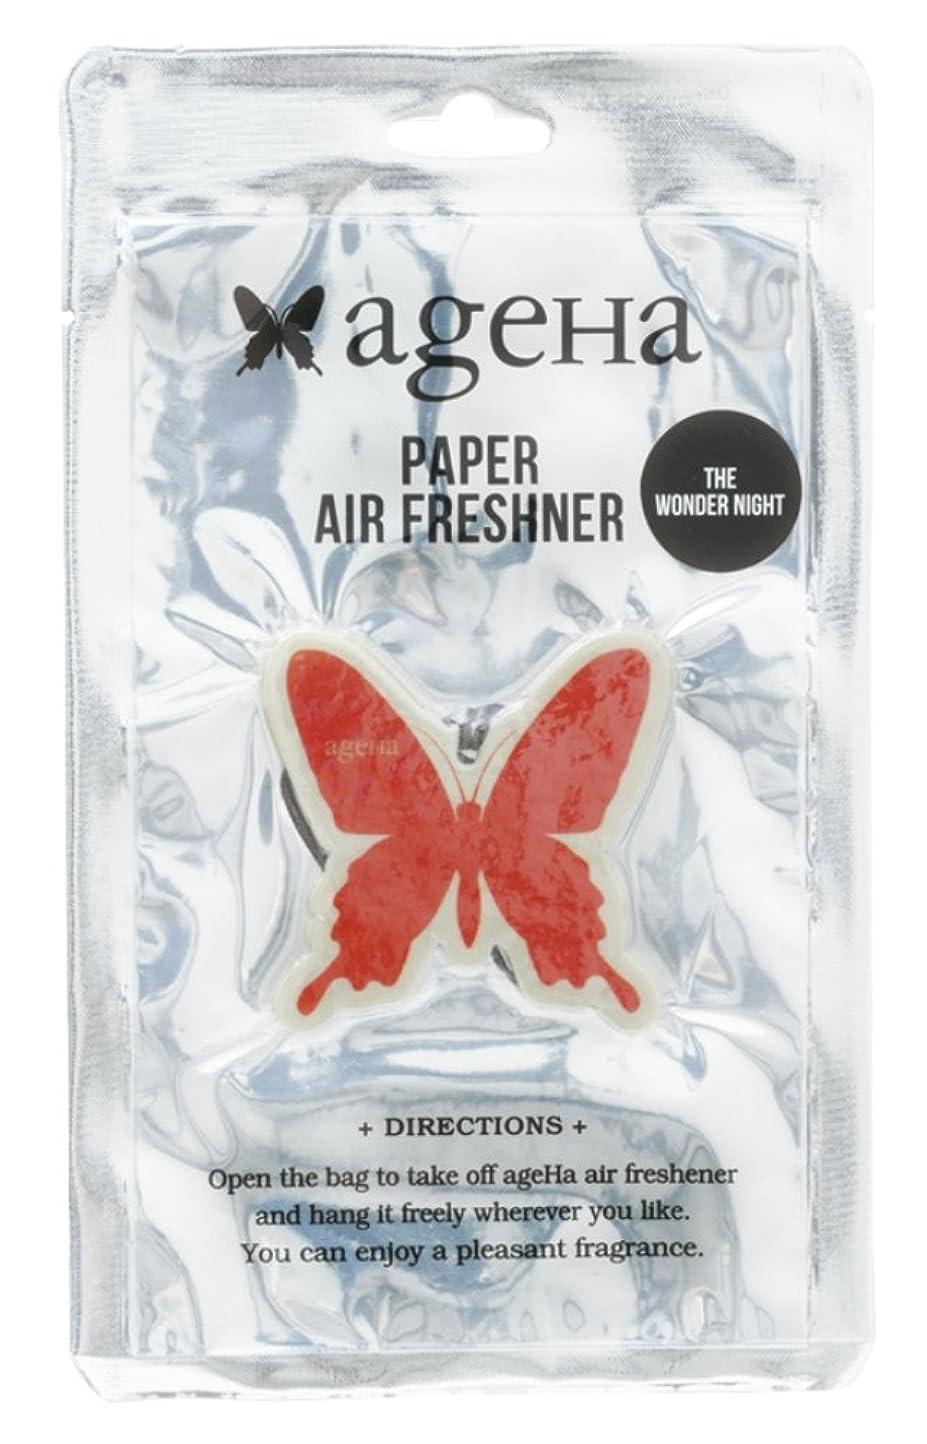 未満証言謝罪するageha エアーフレッシュナー バタフライ 吊り下げ ワンダーナイトの香り OA-AGE-3-1